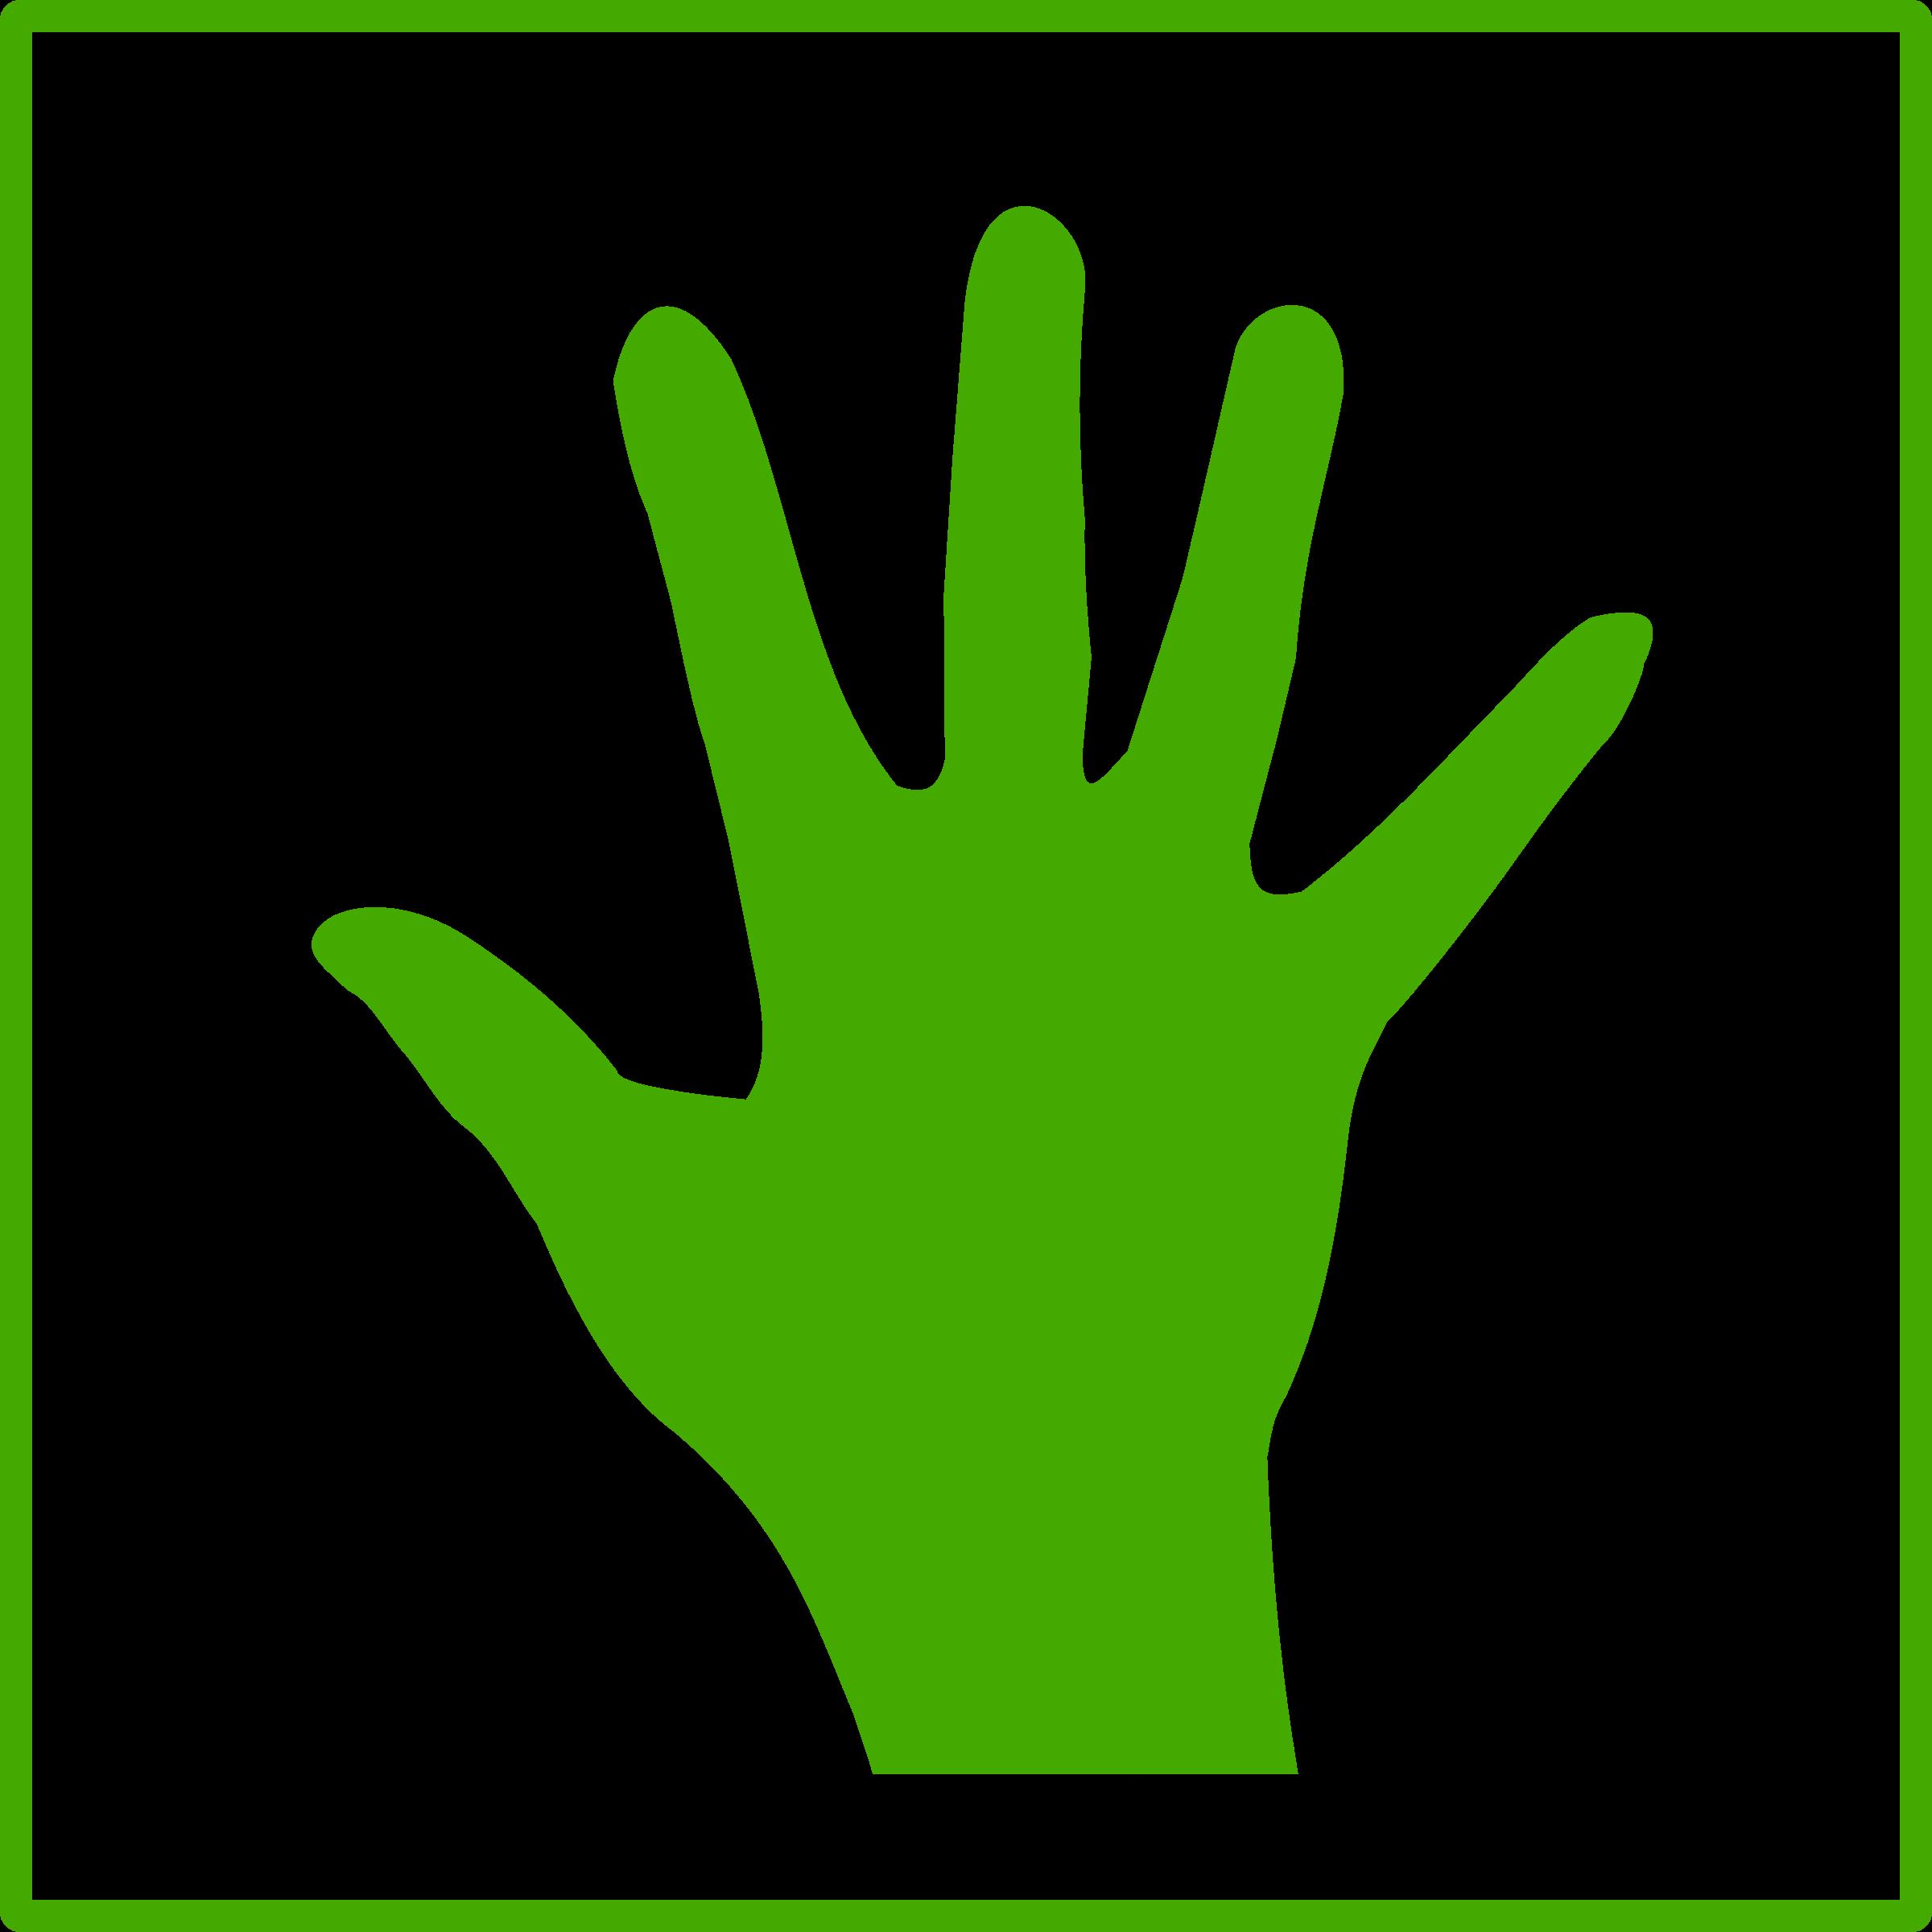 многолетнее растение зеленая рука картинки катарантус стоял